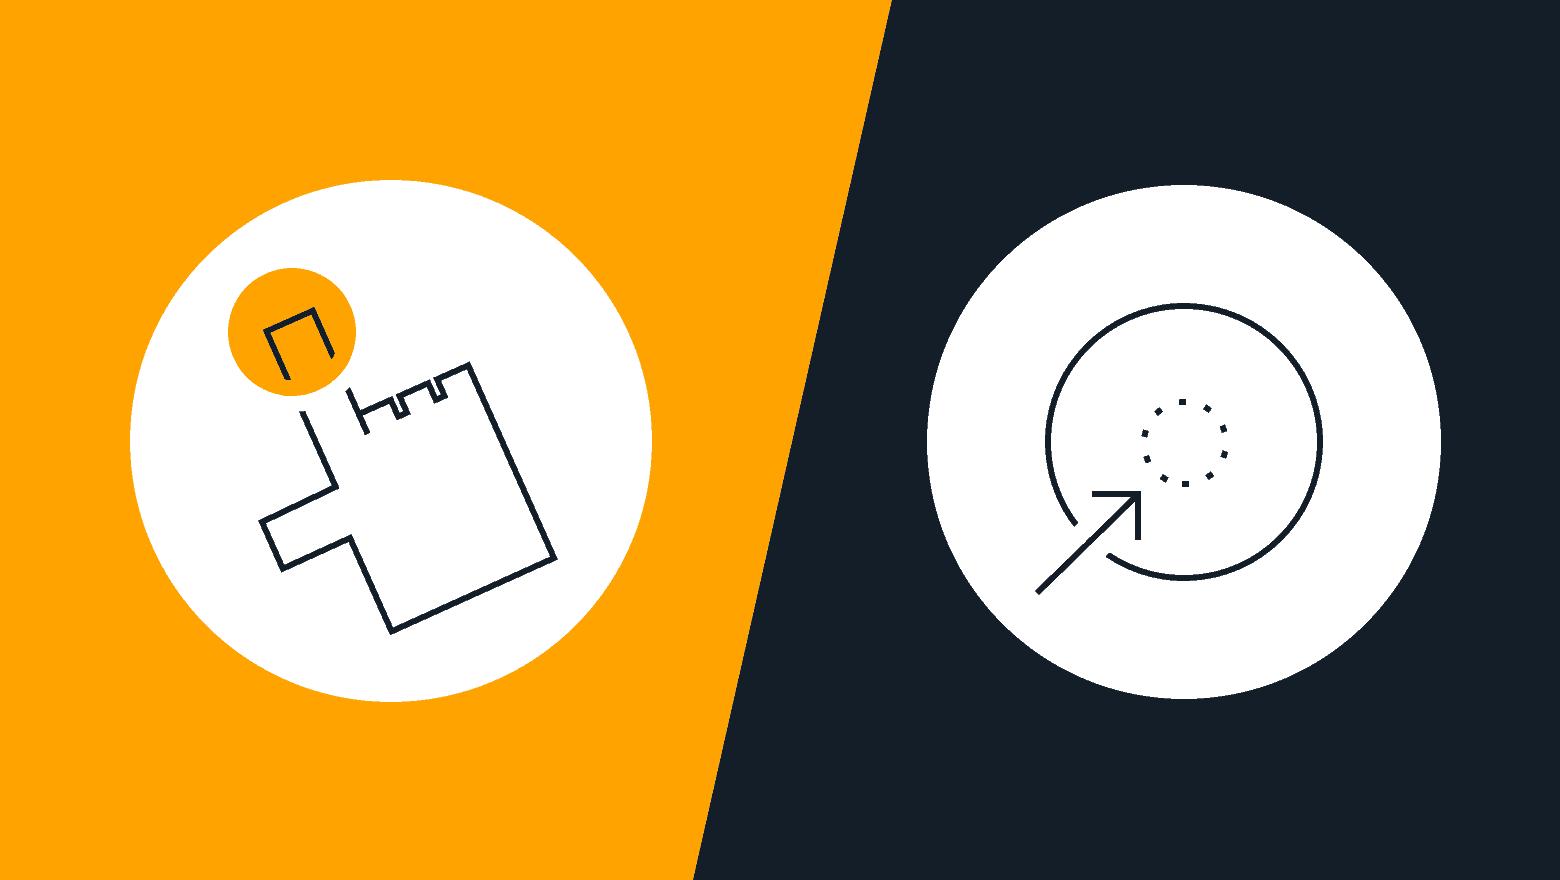 ppc vs cpc icon